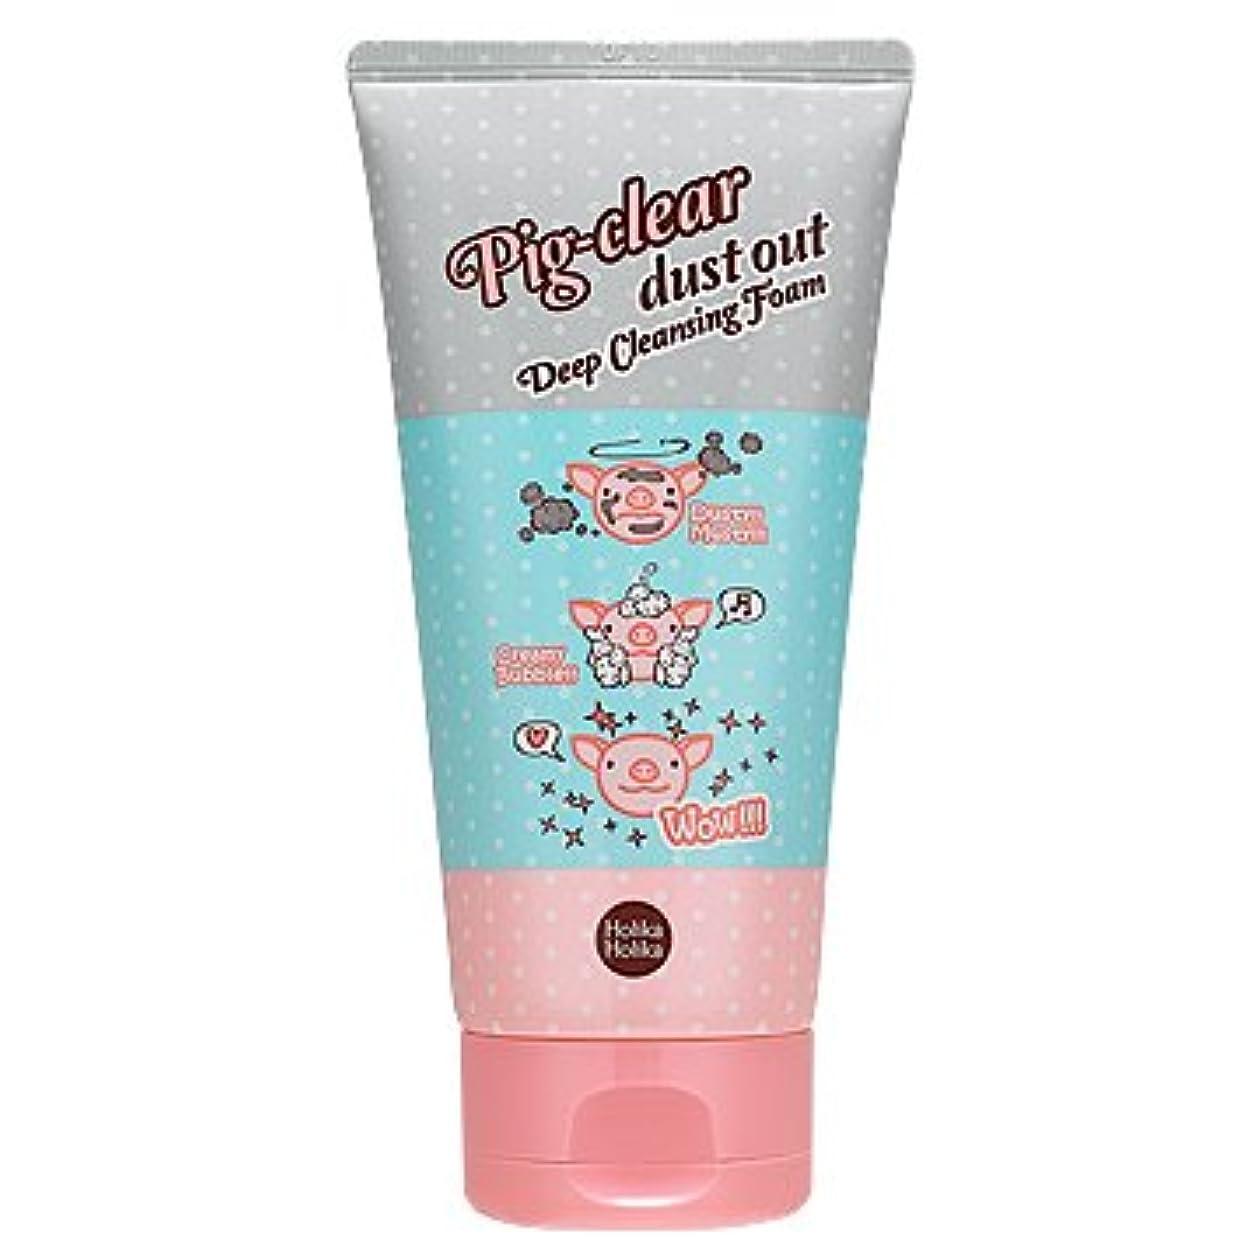 キャンディーわずかに実行可能ホリカホリカ ピッグクリアダストアウトディープ洗顔フォーム/Pig Clear Dust Out Deep Cleansing Foam 150ml [並行輸入品]